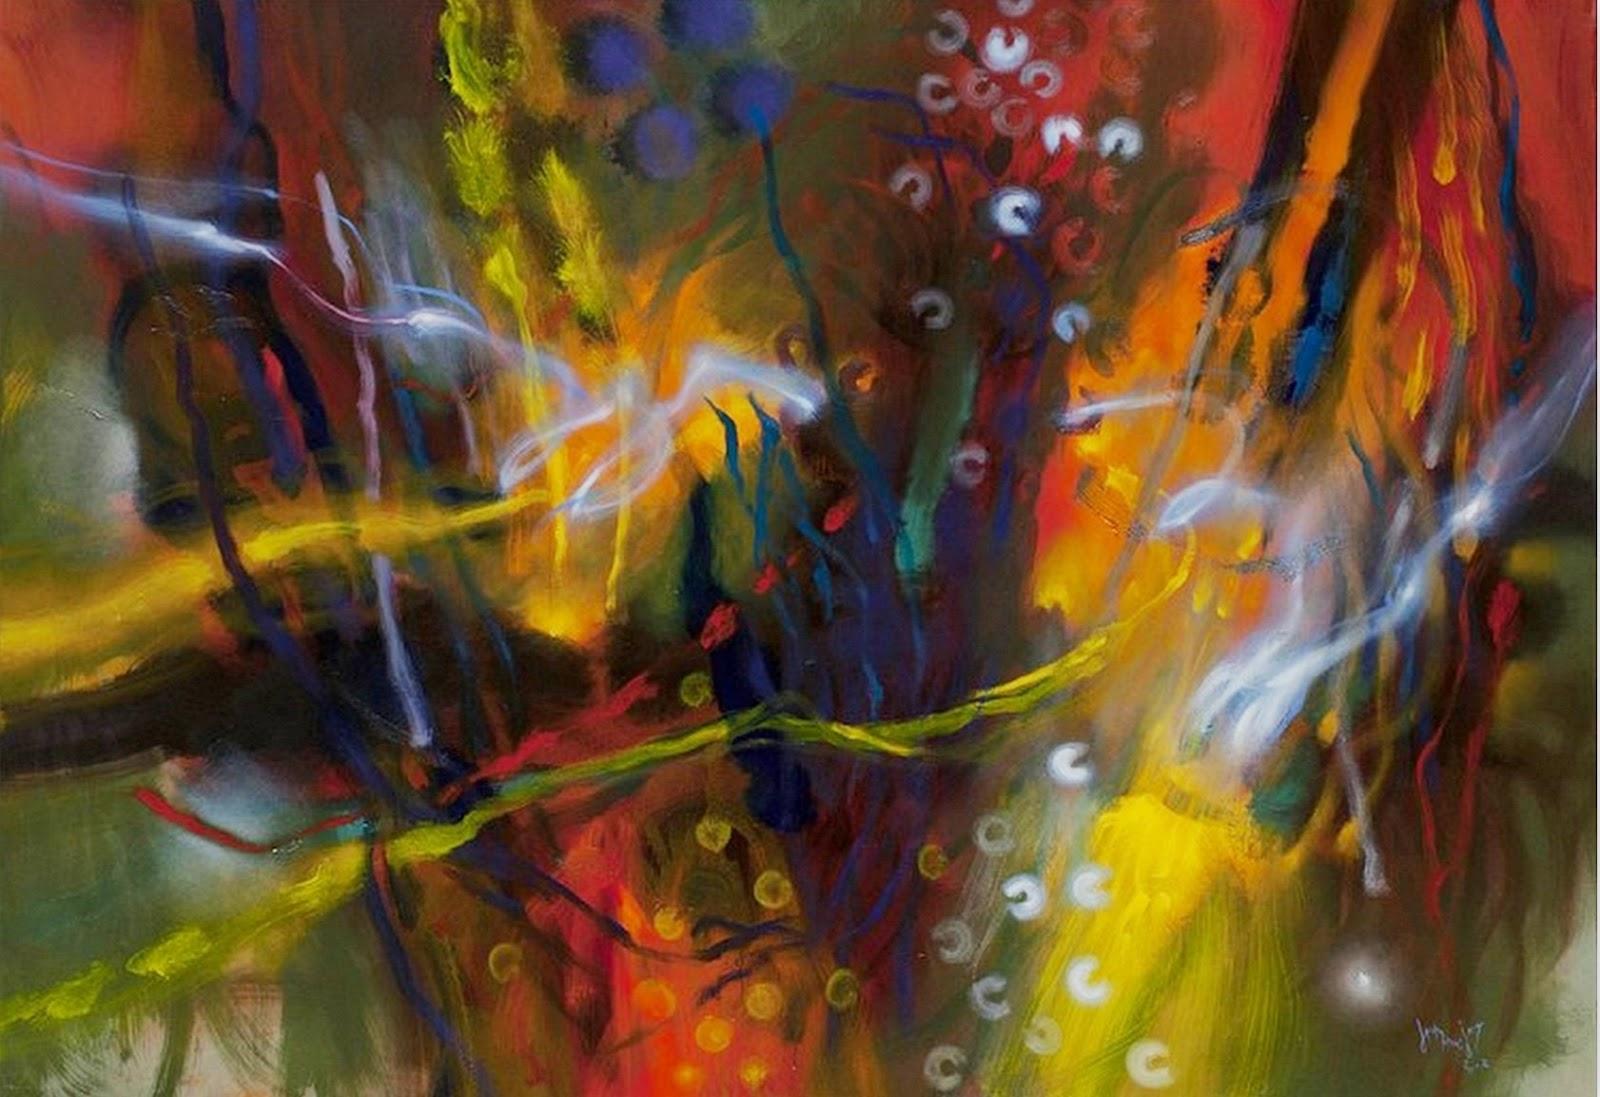 Pinturas y cuadros imagui for Fotos de cuadros abstractos minimalistas